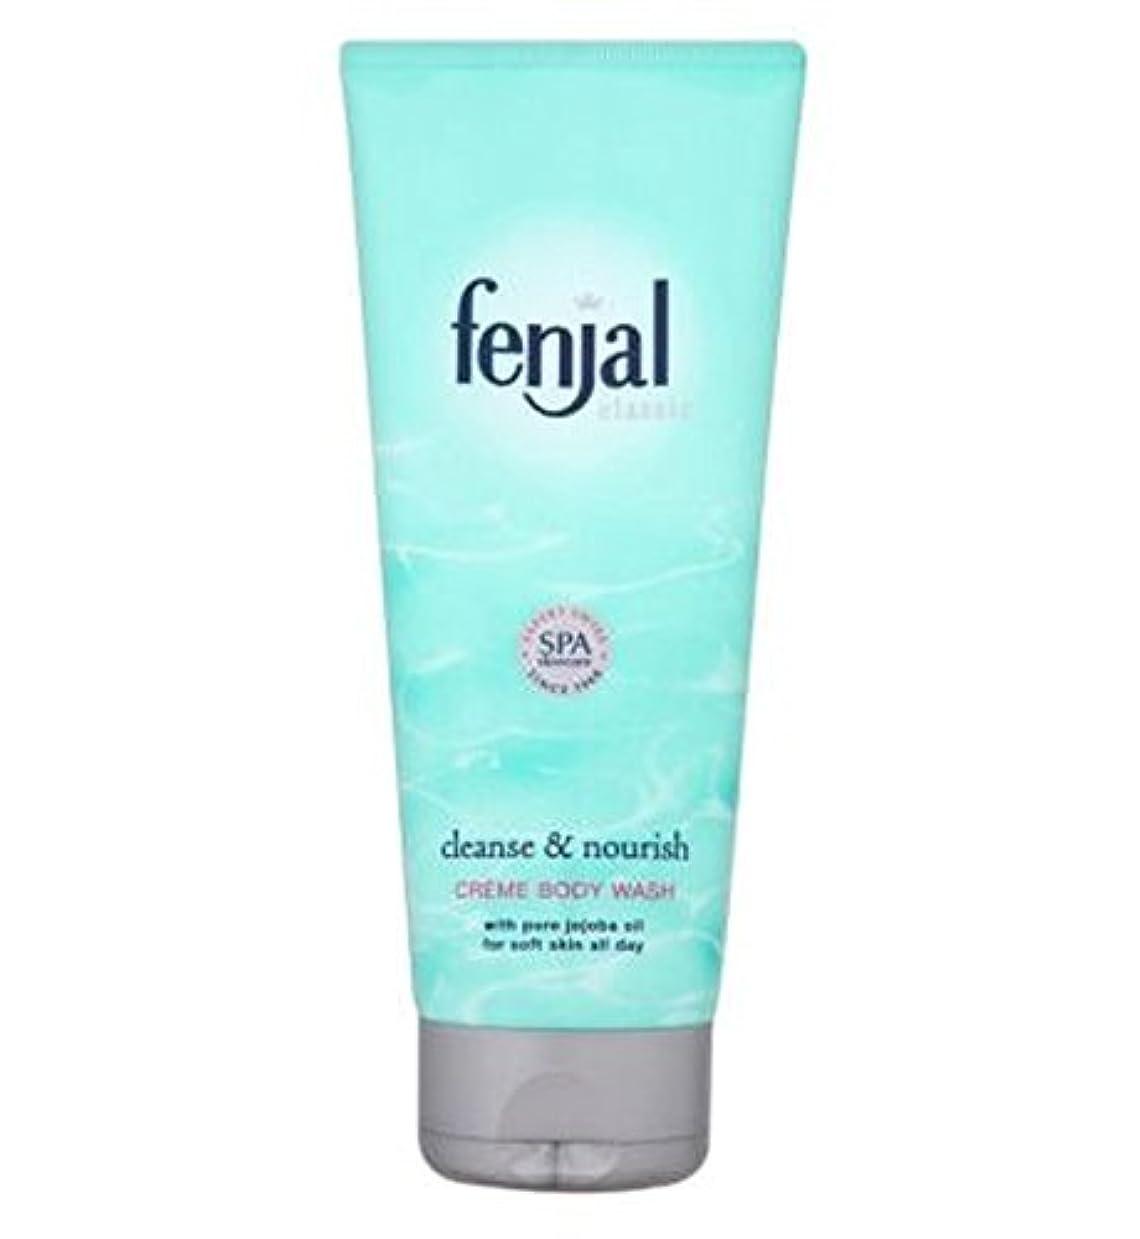 ギャラリー池子羊Fenjal古典的な高級クリームオイルボディウォッシュ (Fenjal) (x2) - Fenjal Classic Luxury Creme Oil Body Wash (Pack of 2) [並行輸入品]